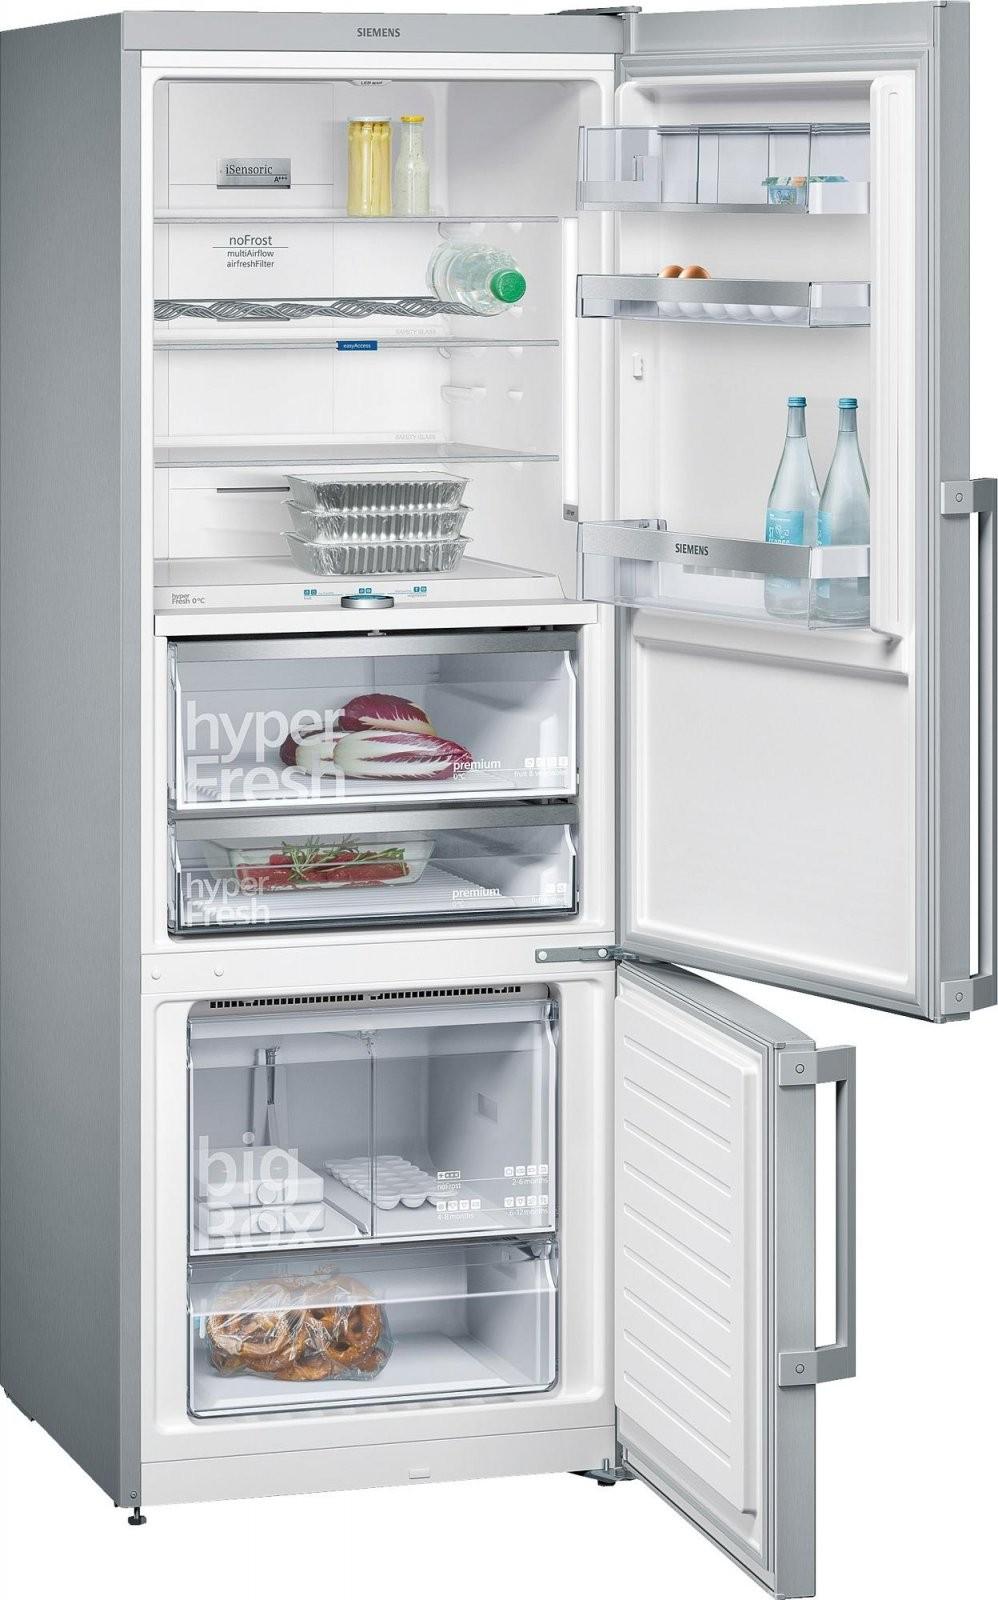 Siemens Kg56Fpi40 A+++ Kühlgefrierkombination Inox von Kühlschrank 100 Cm Breit Bild